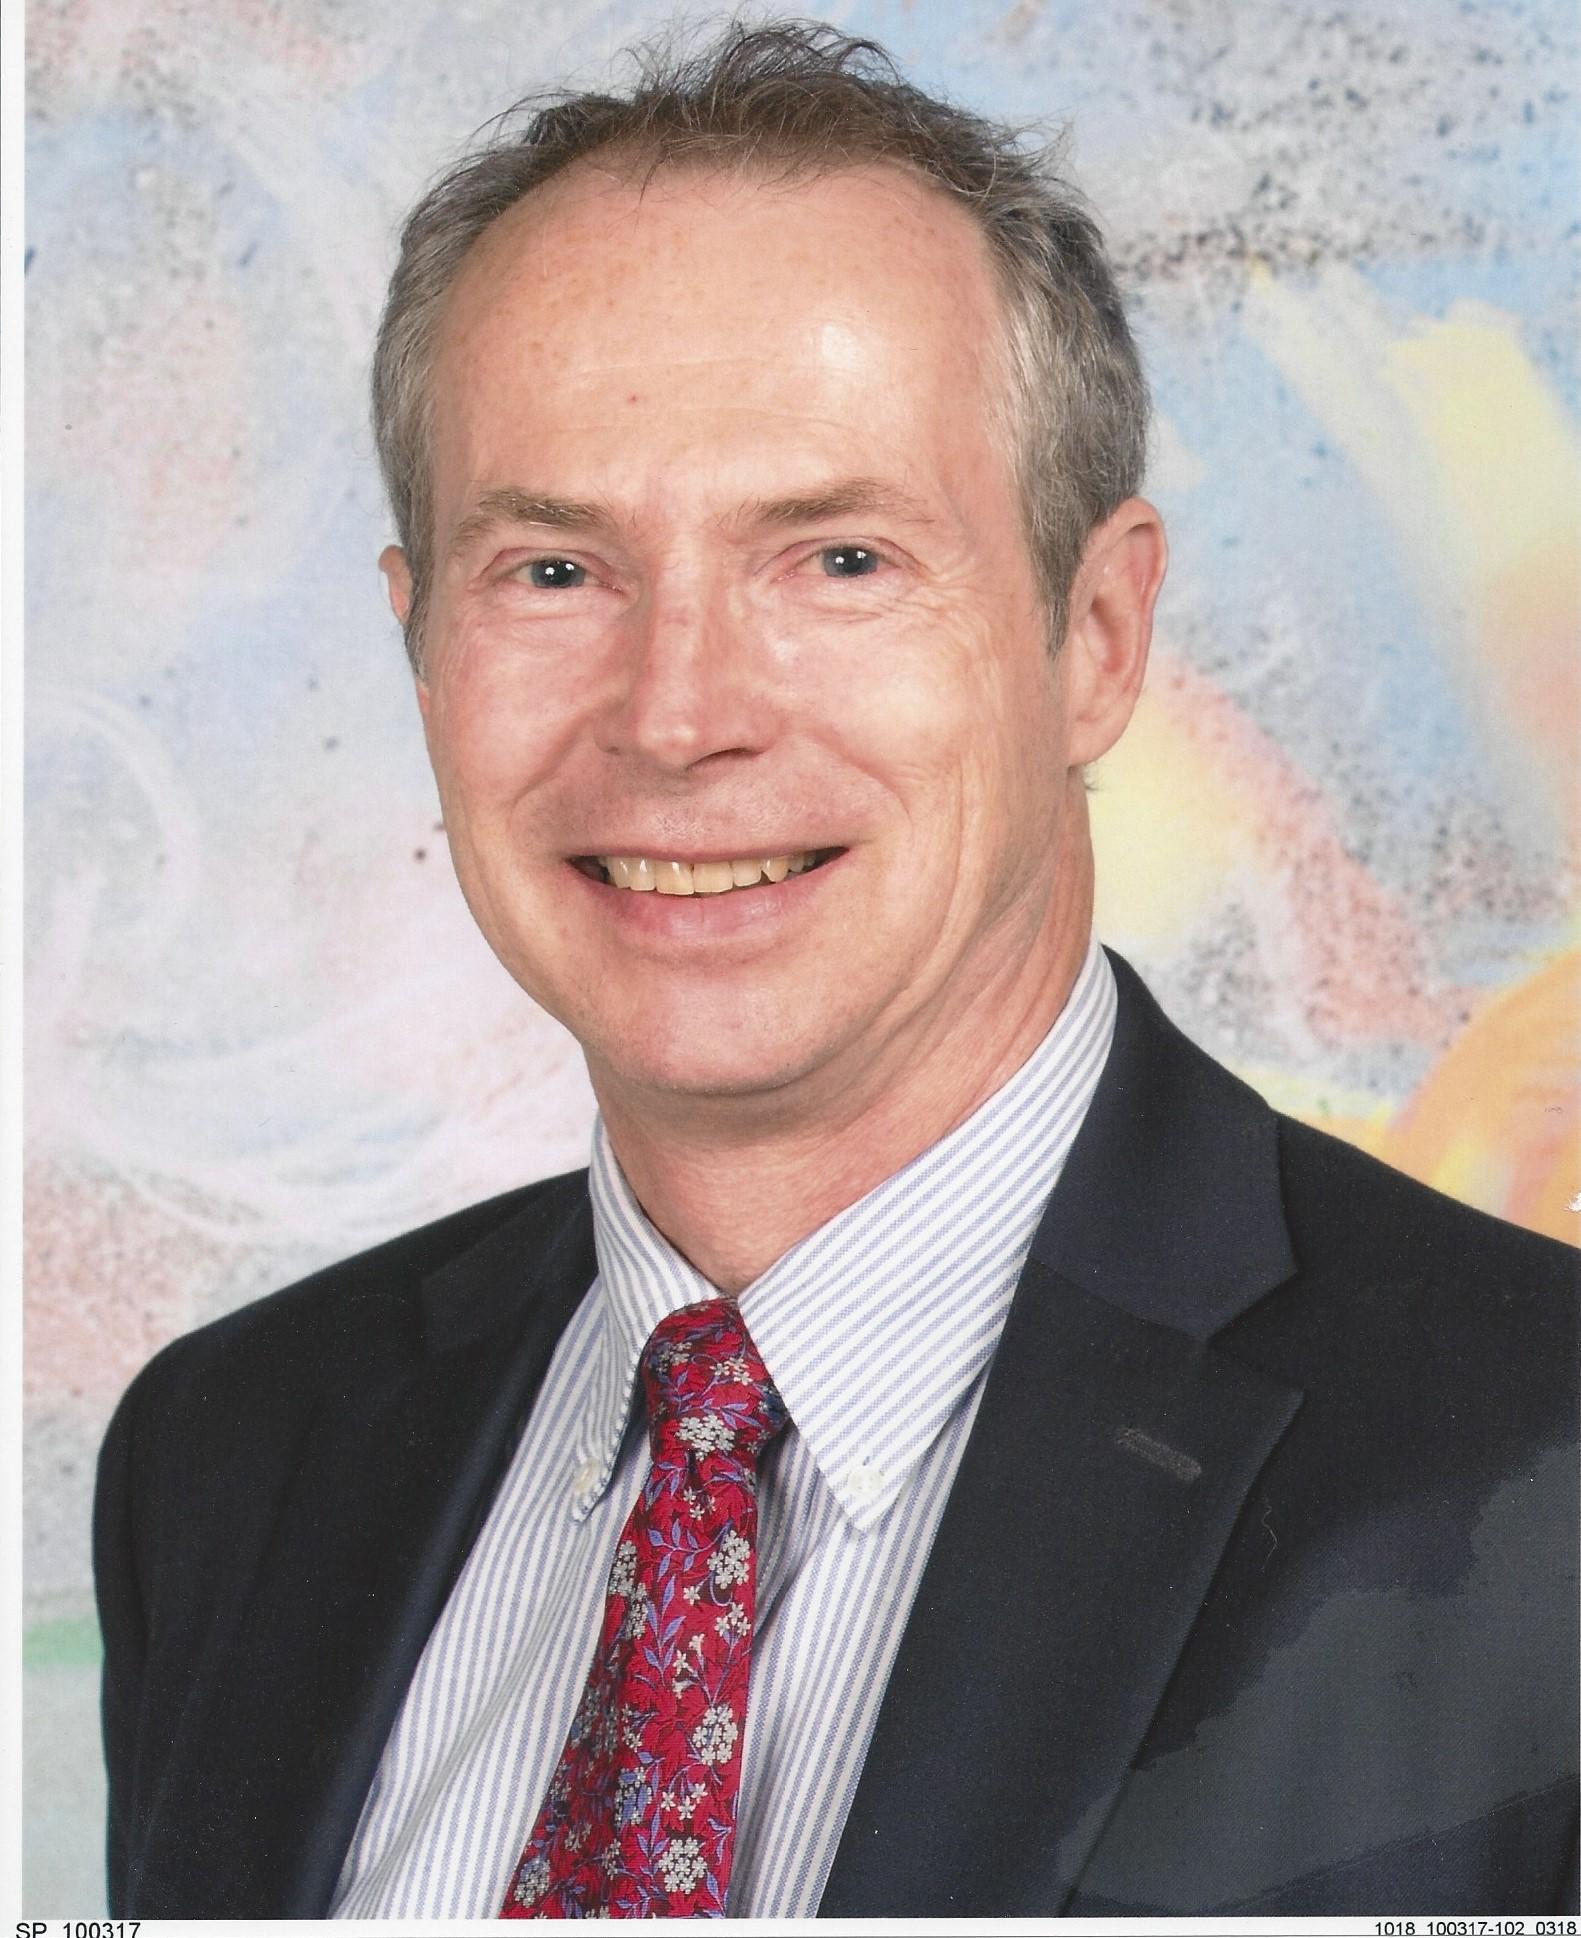 Terry Schmitt